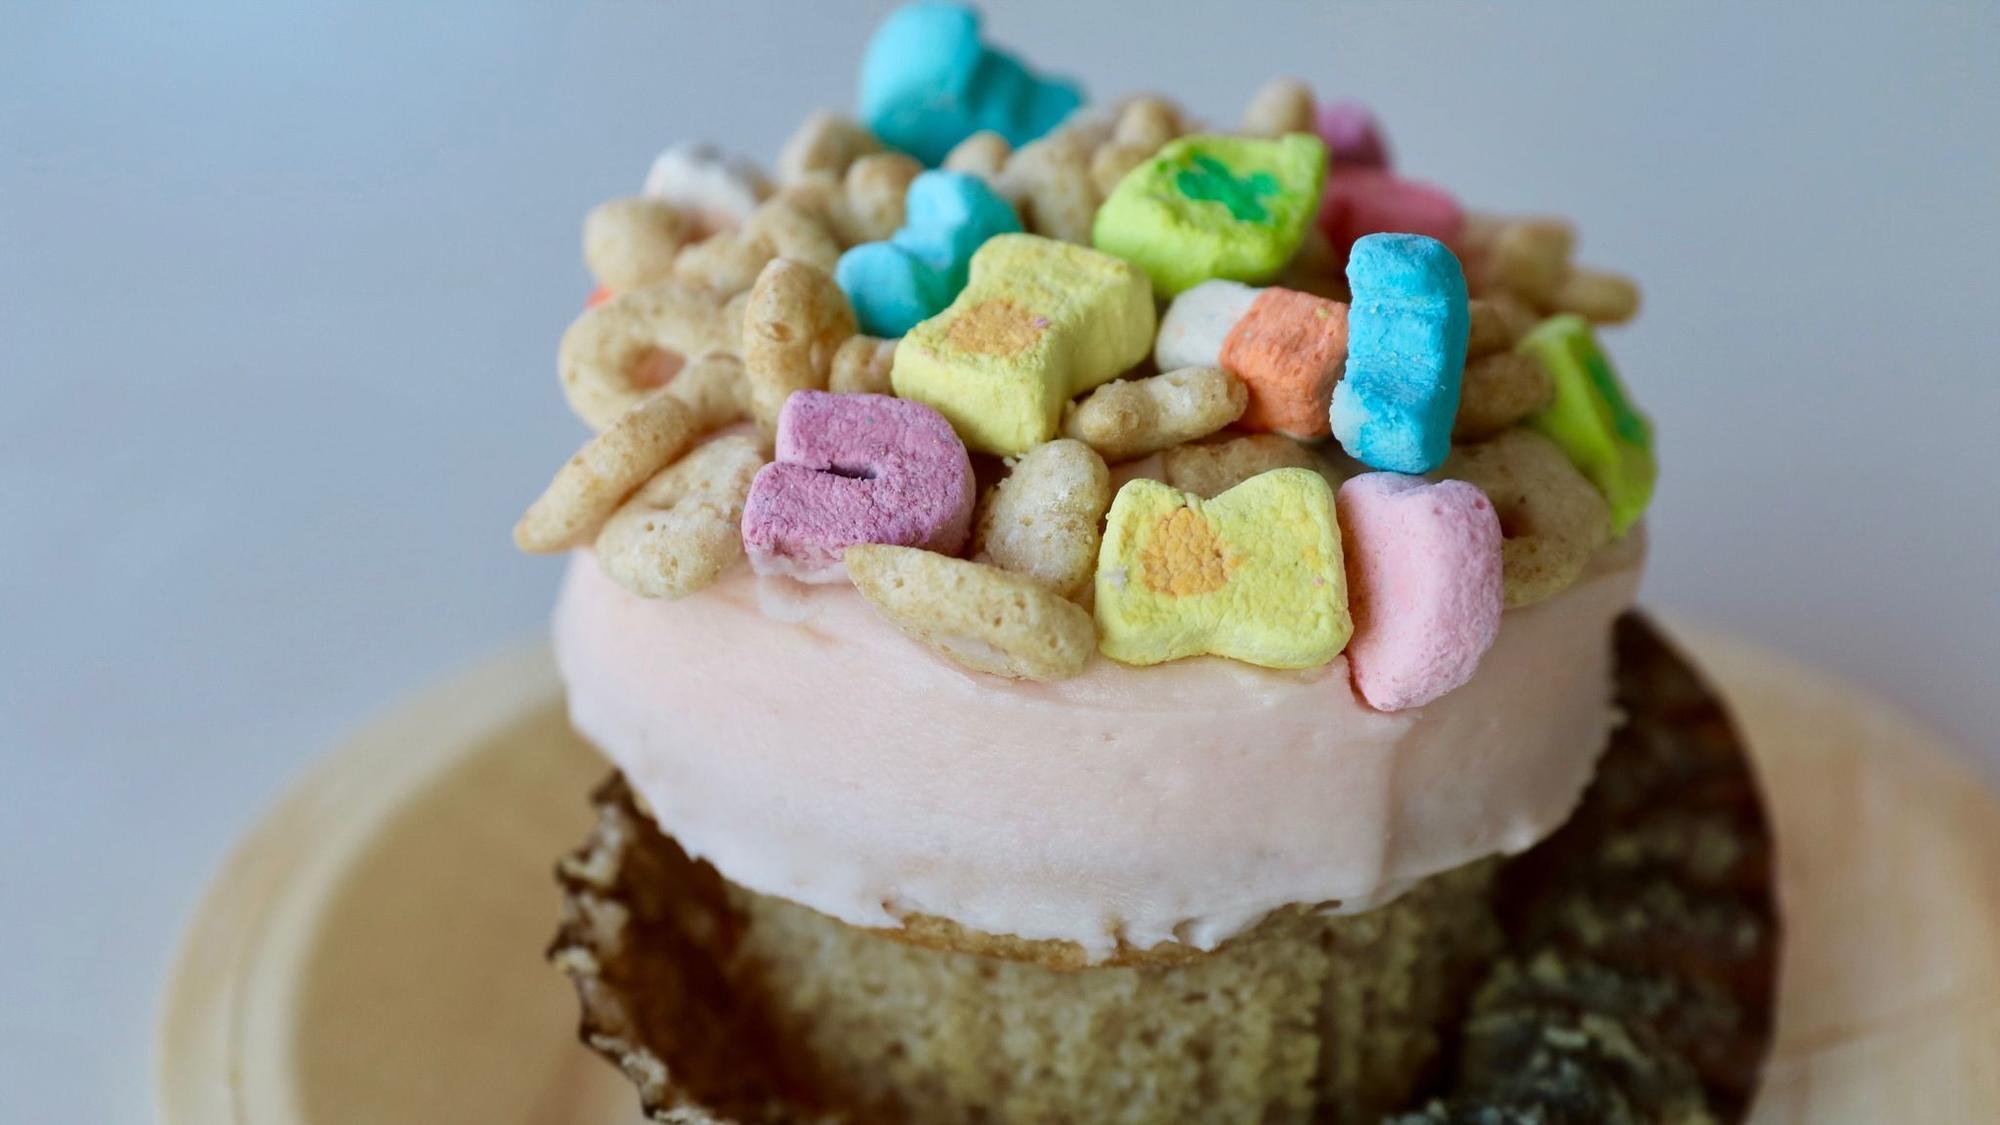 Sprinkles Cupcakes Breaks Out Breakfast Cupcakes During